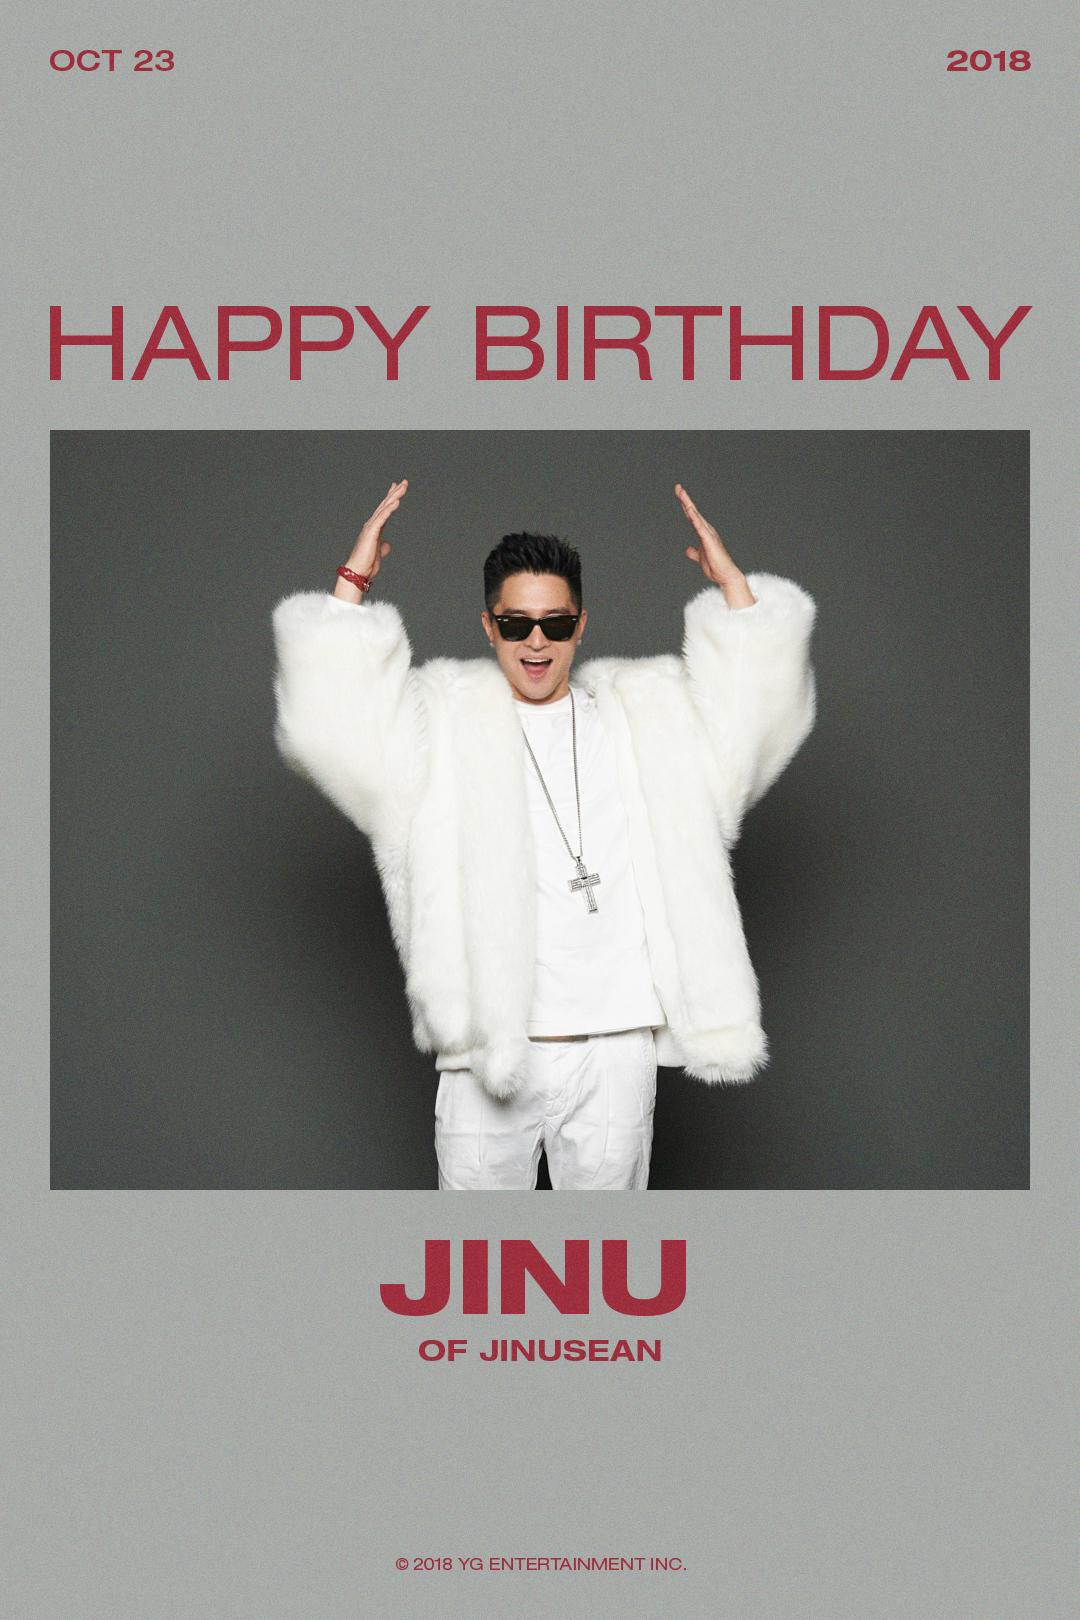 HBD_JINU